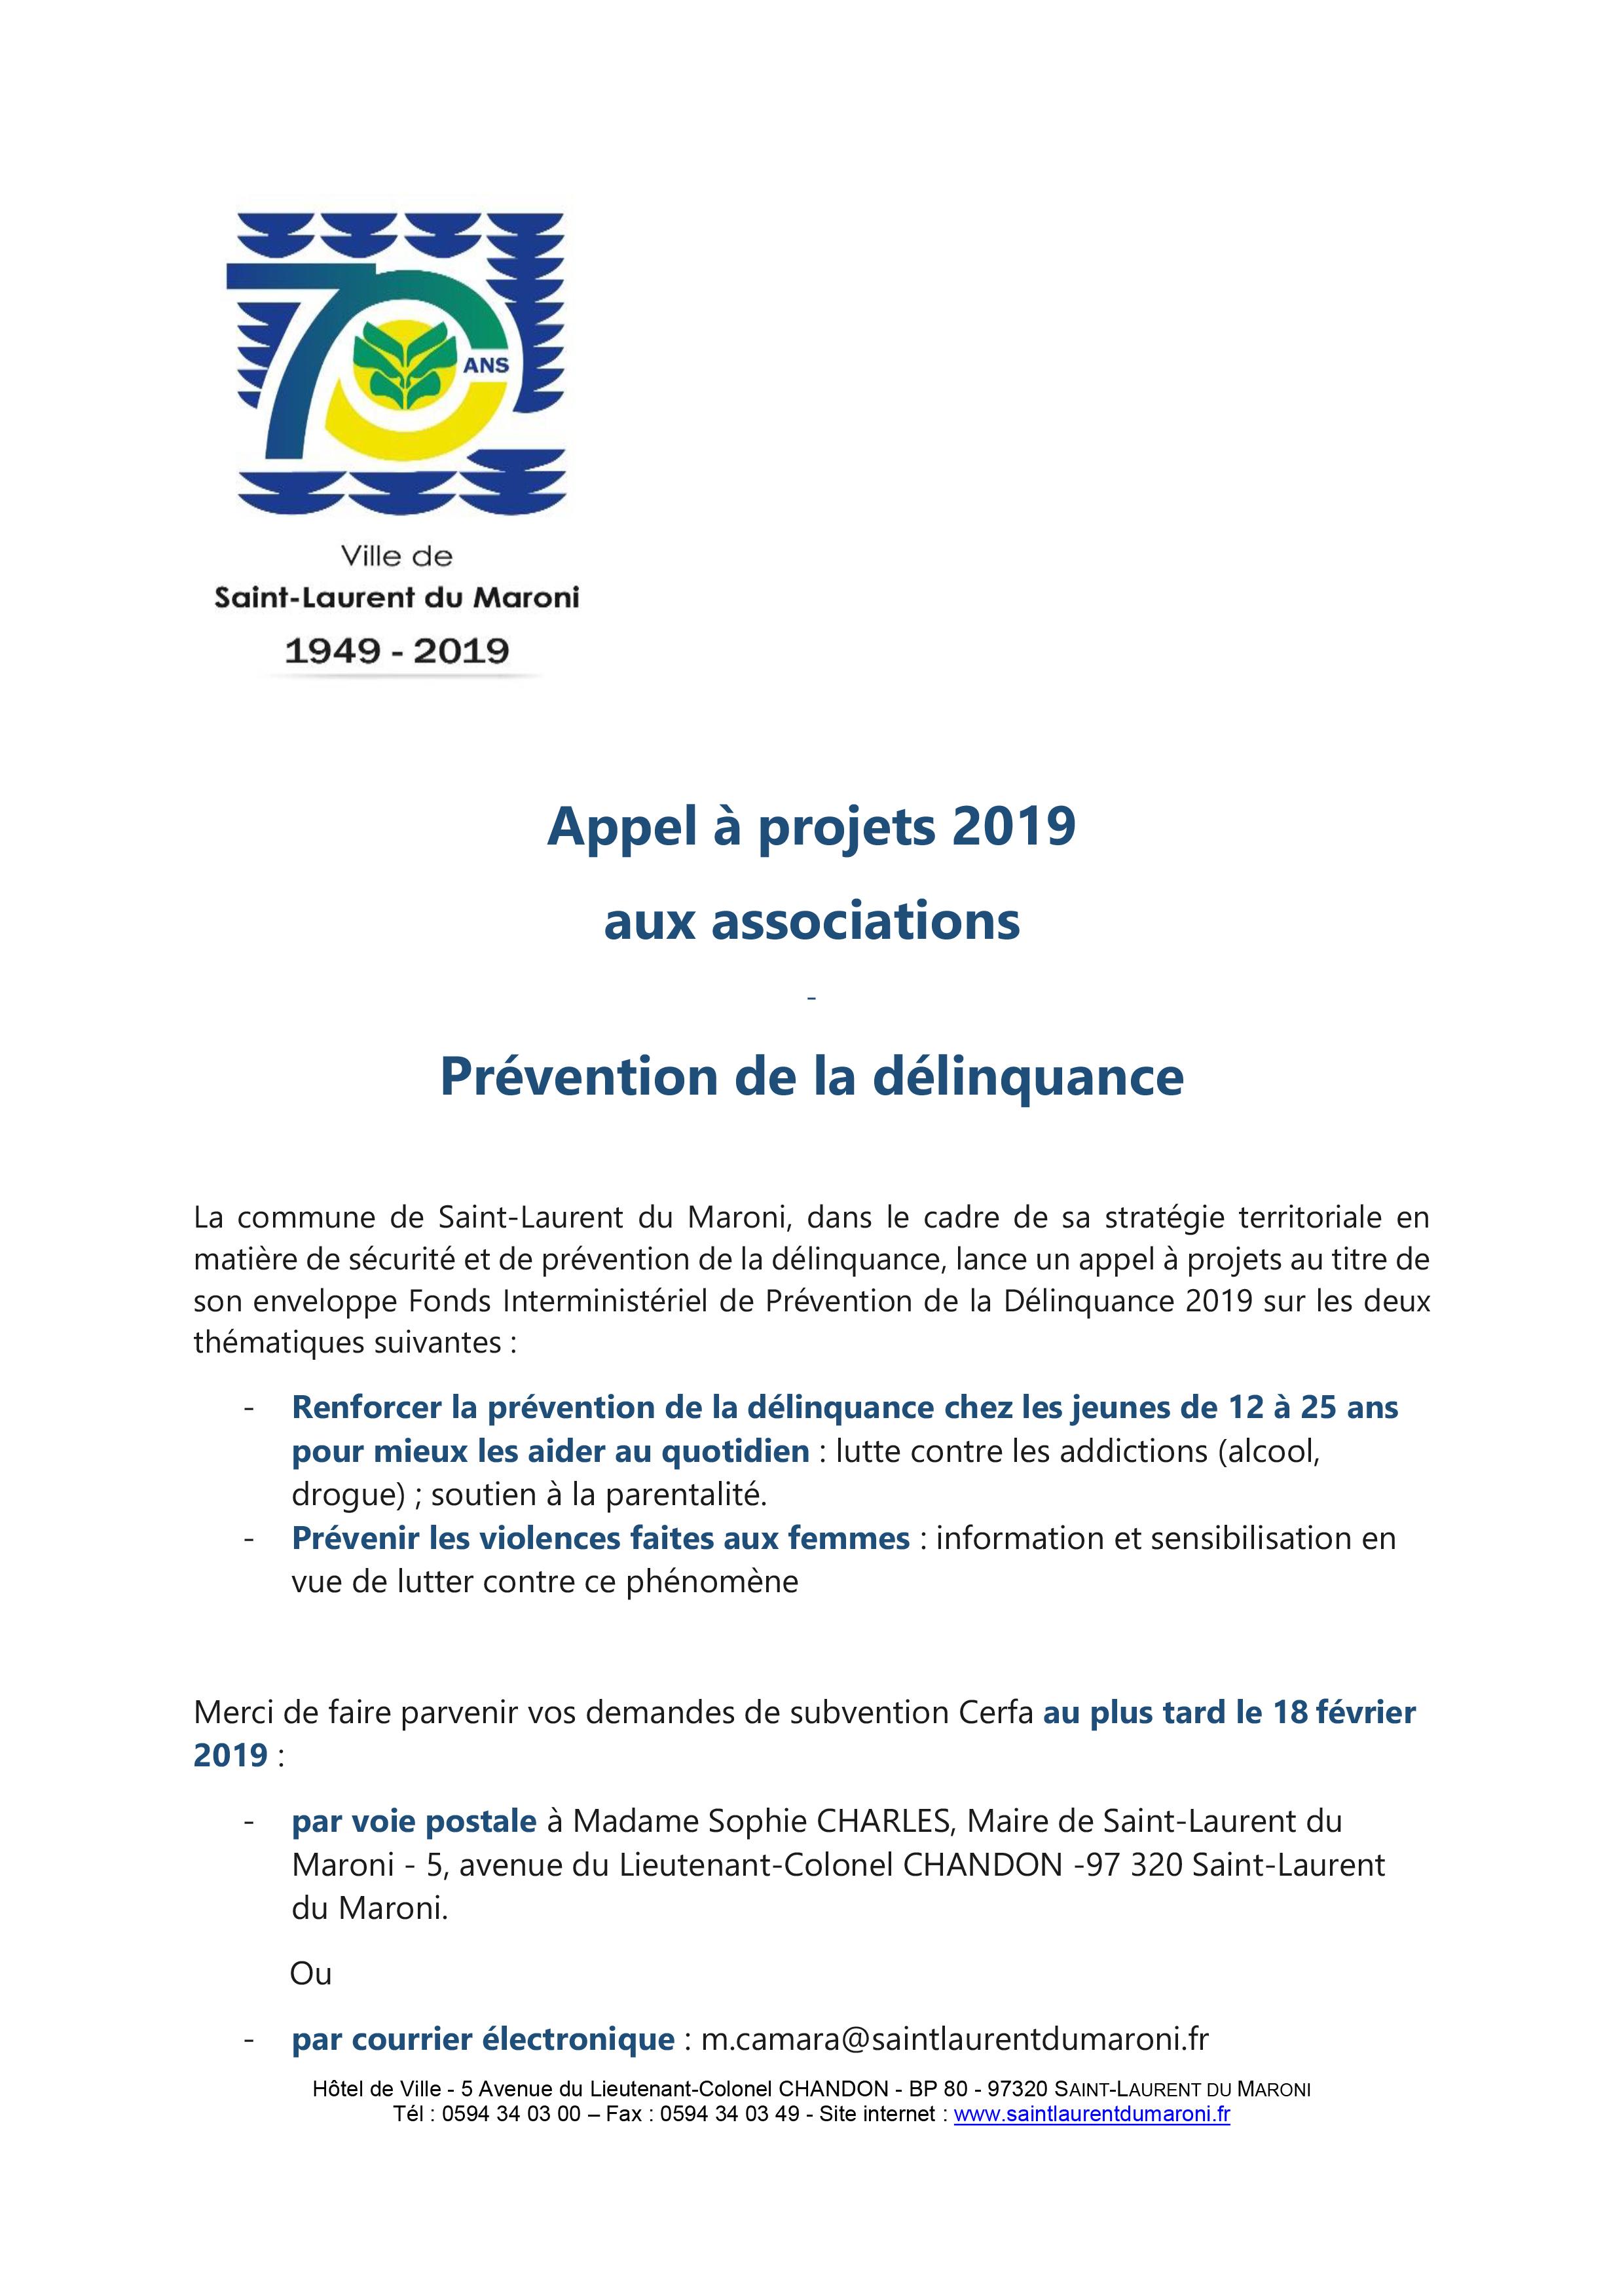 [Prévention de la délinquance] : appel à projets 2019 à destination des associations